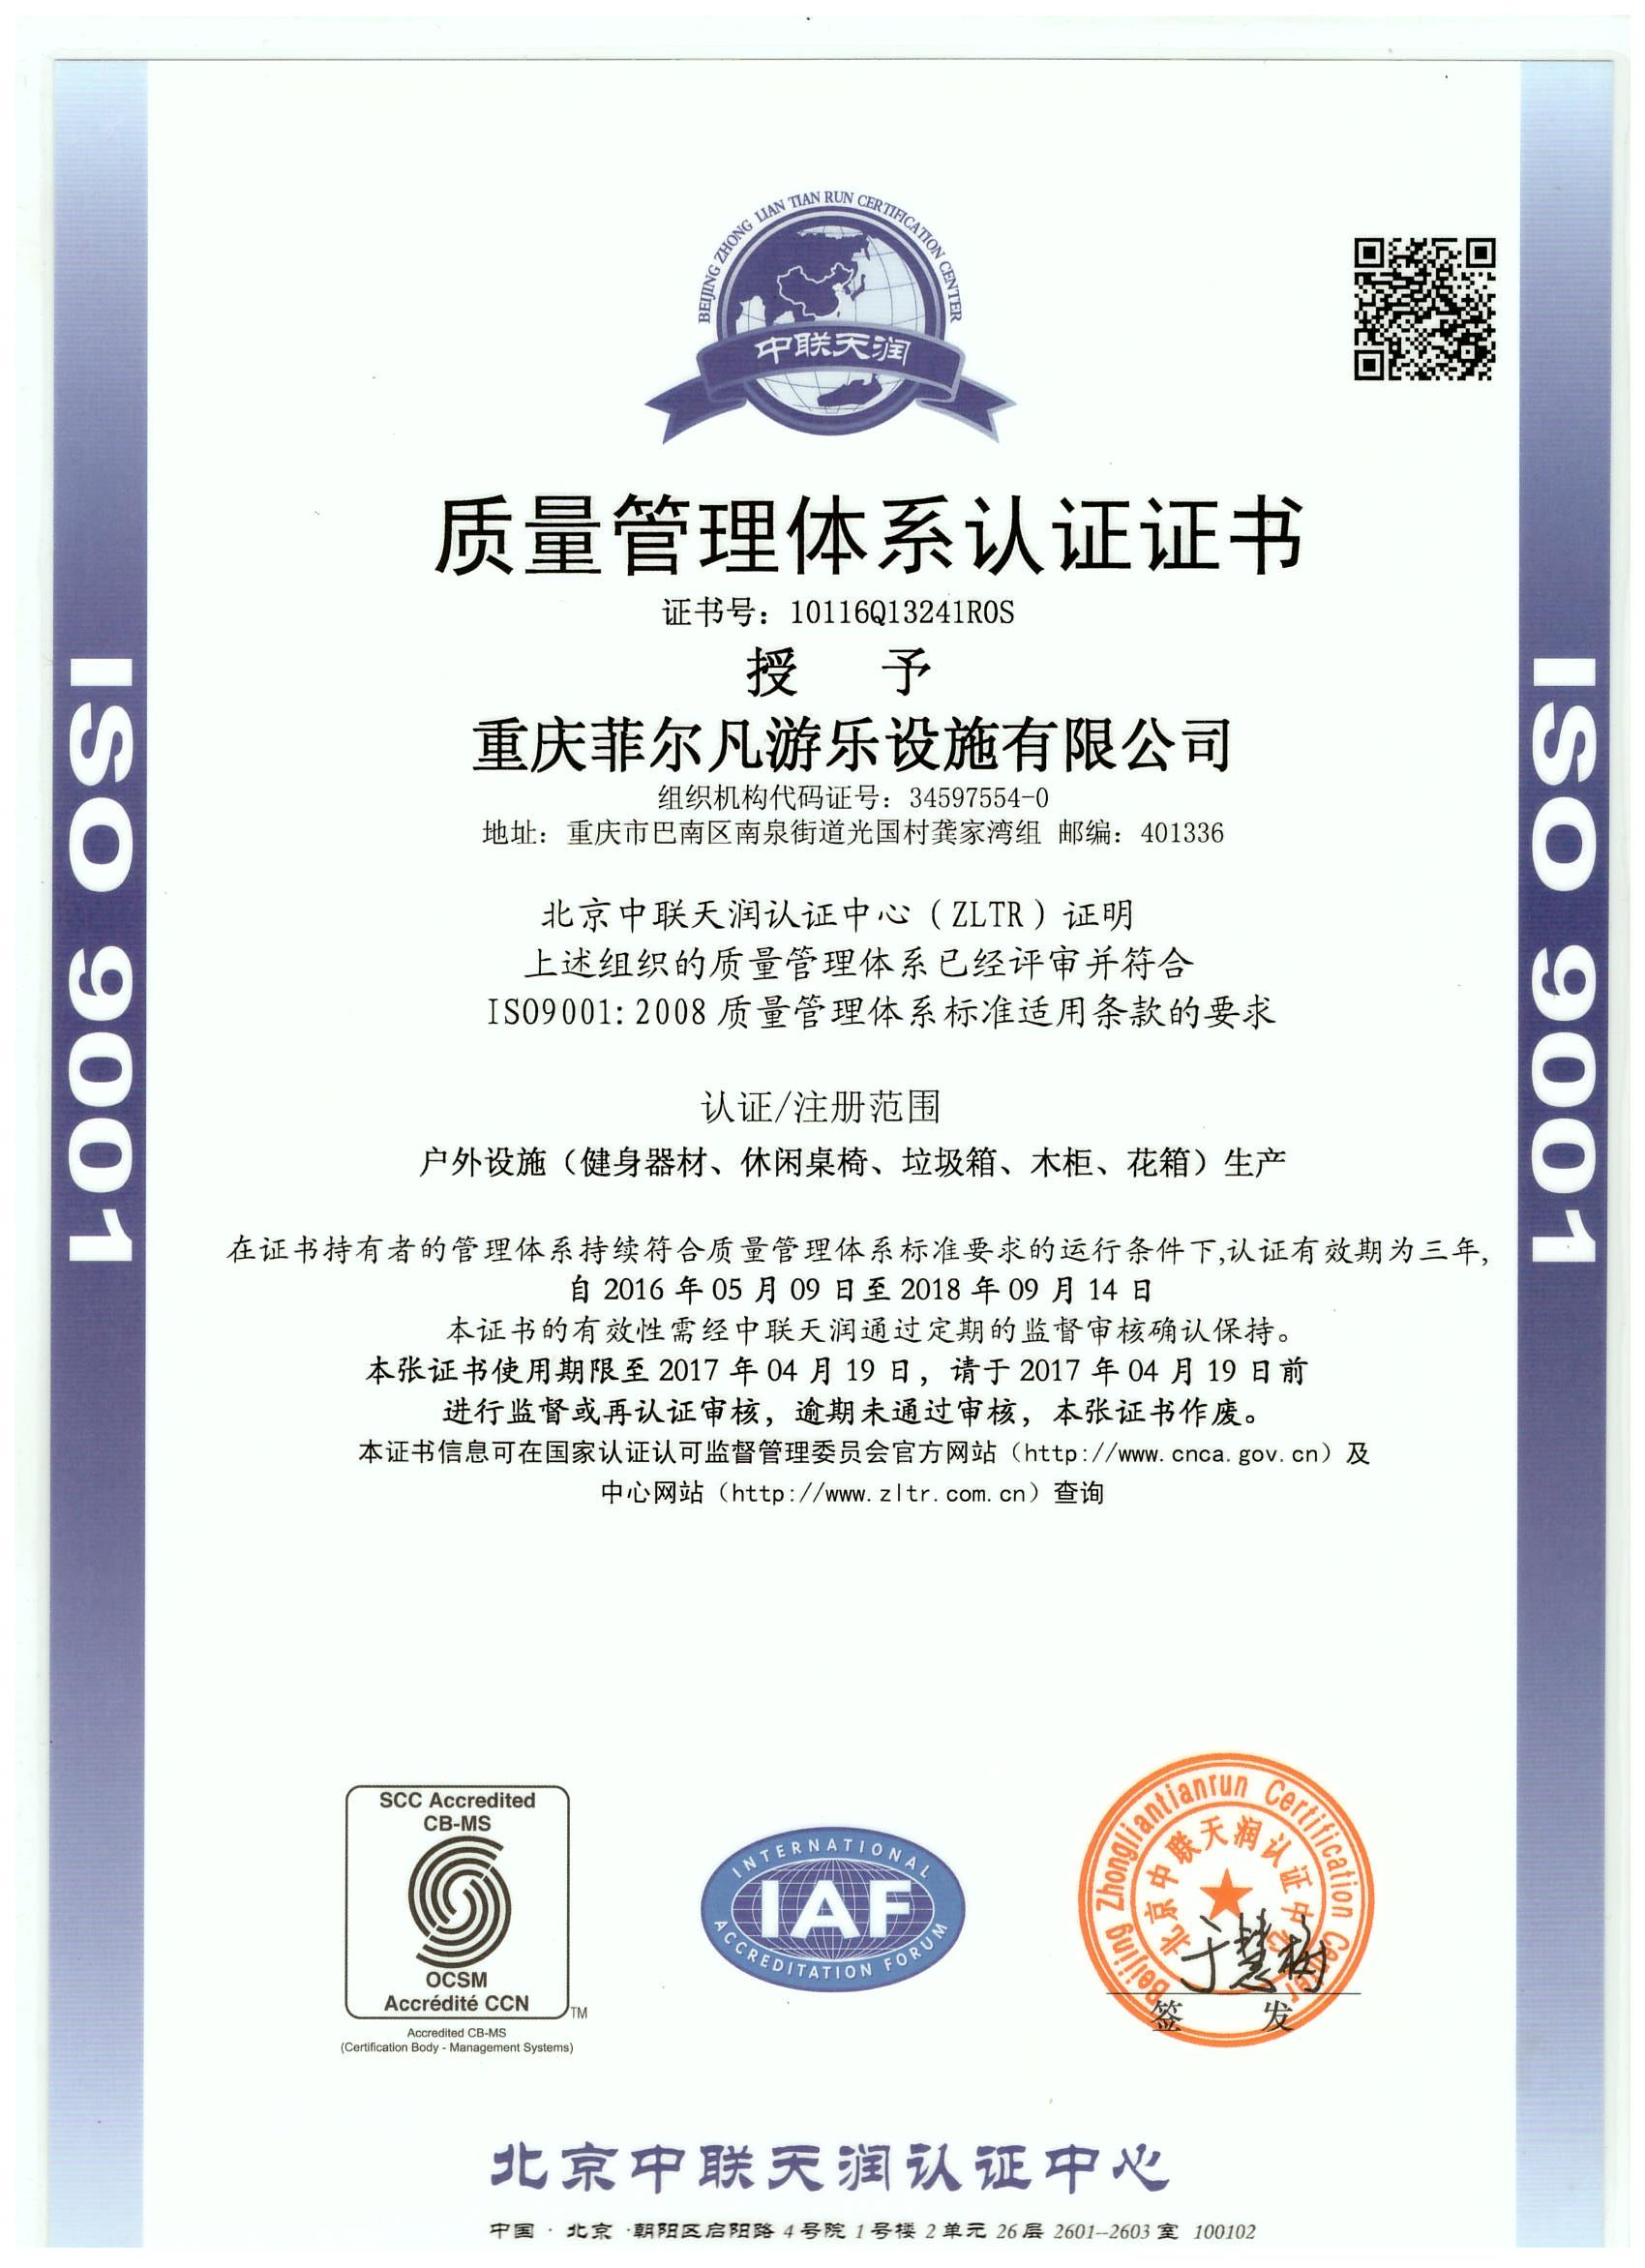 游乐设备质量管理体系认证